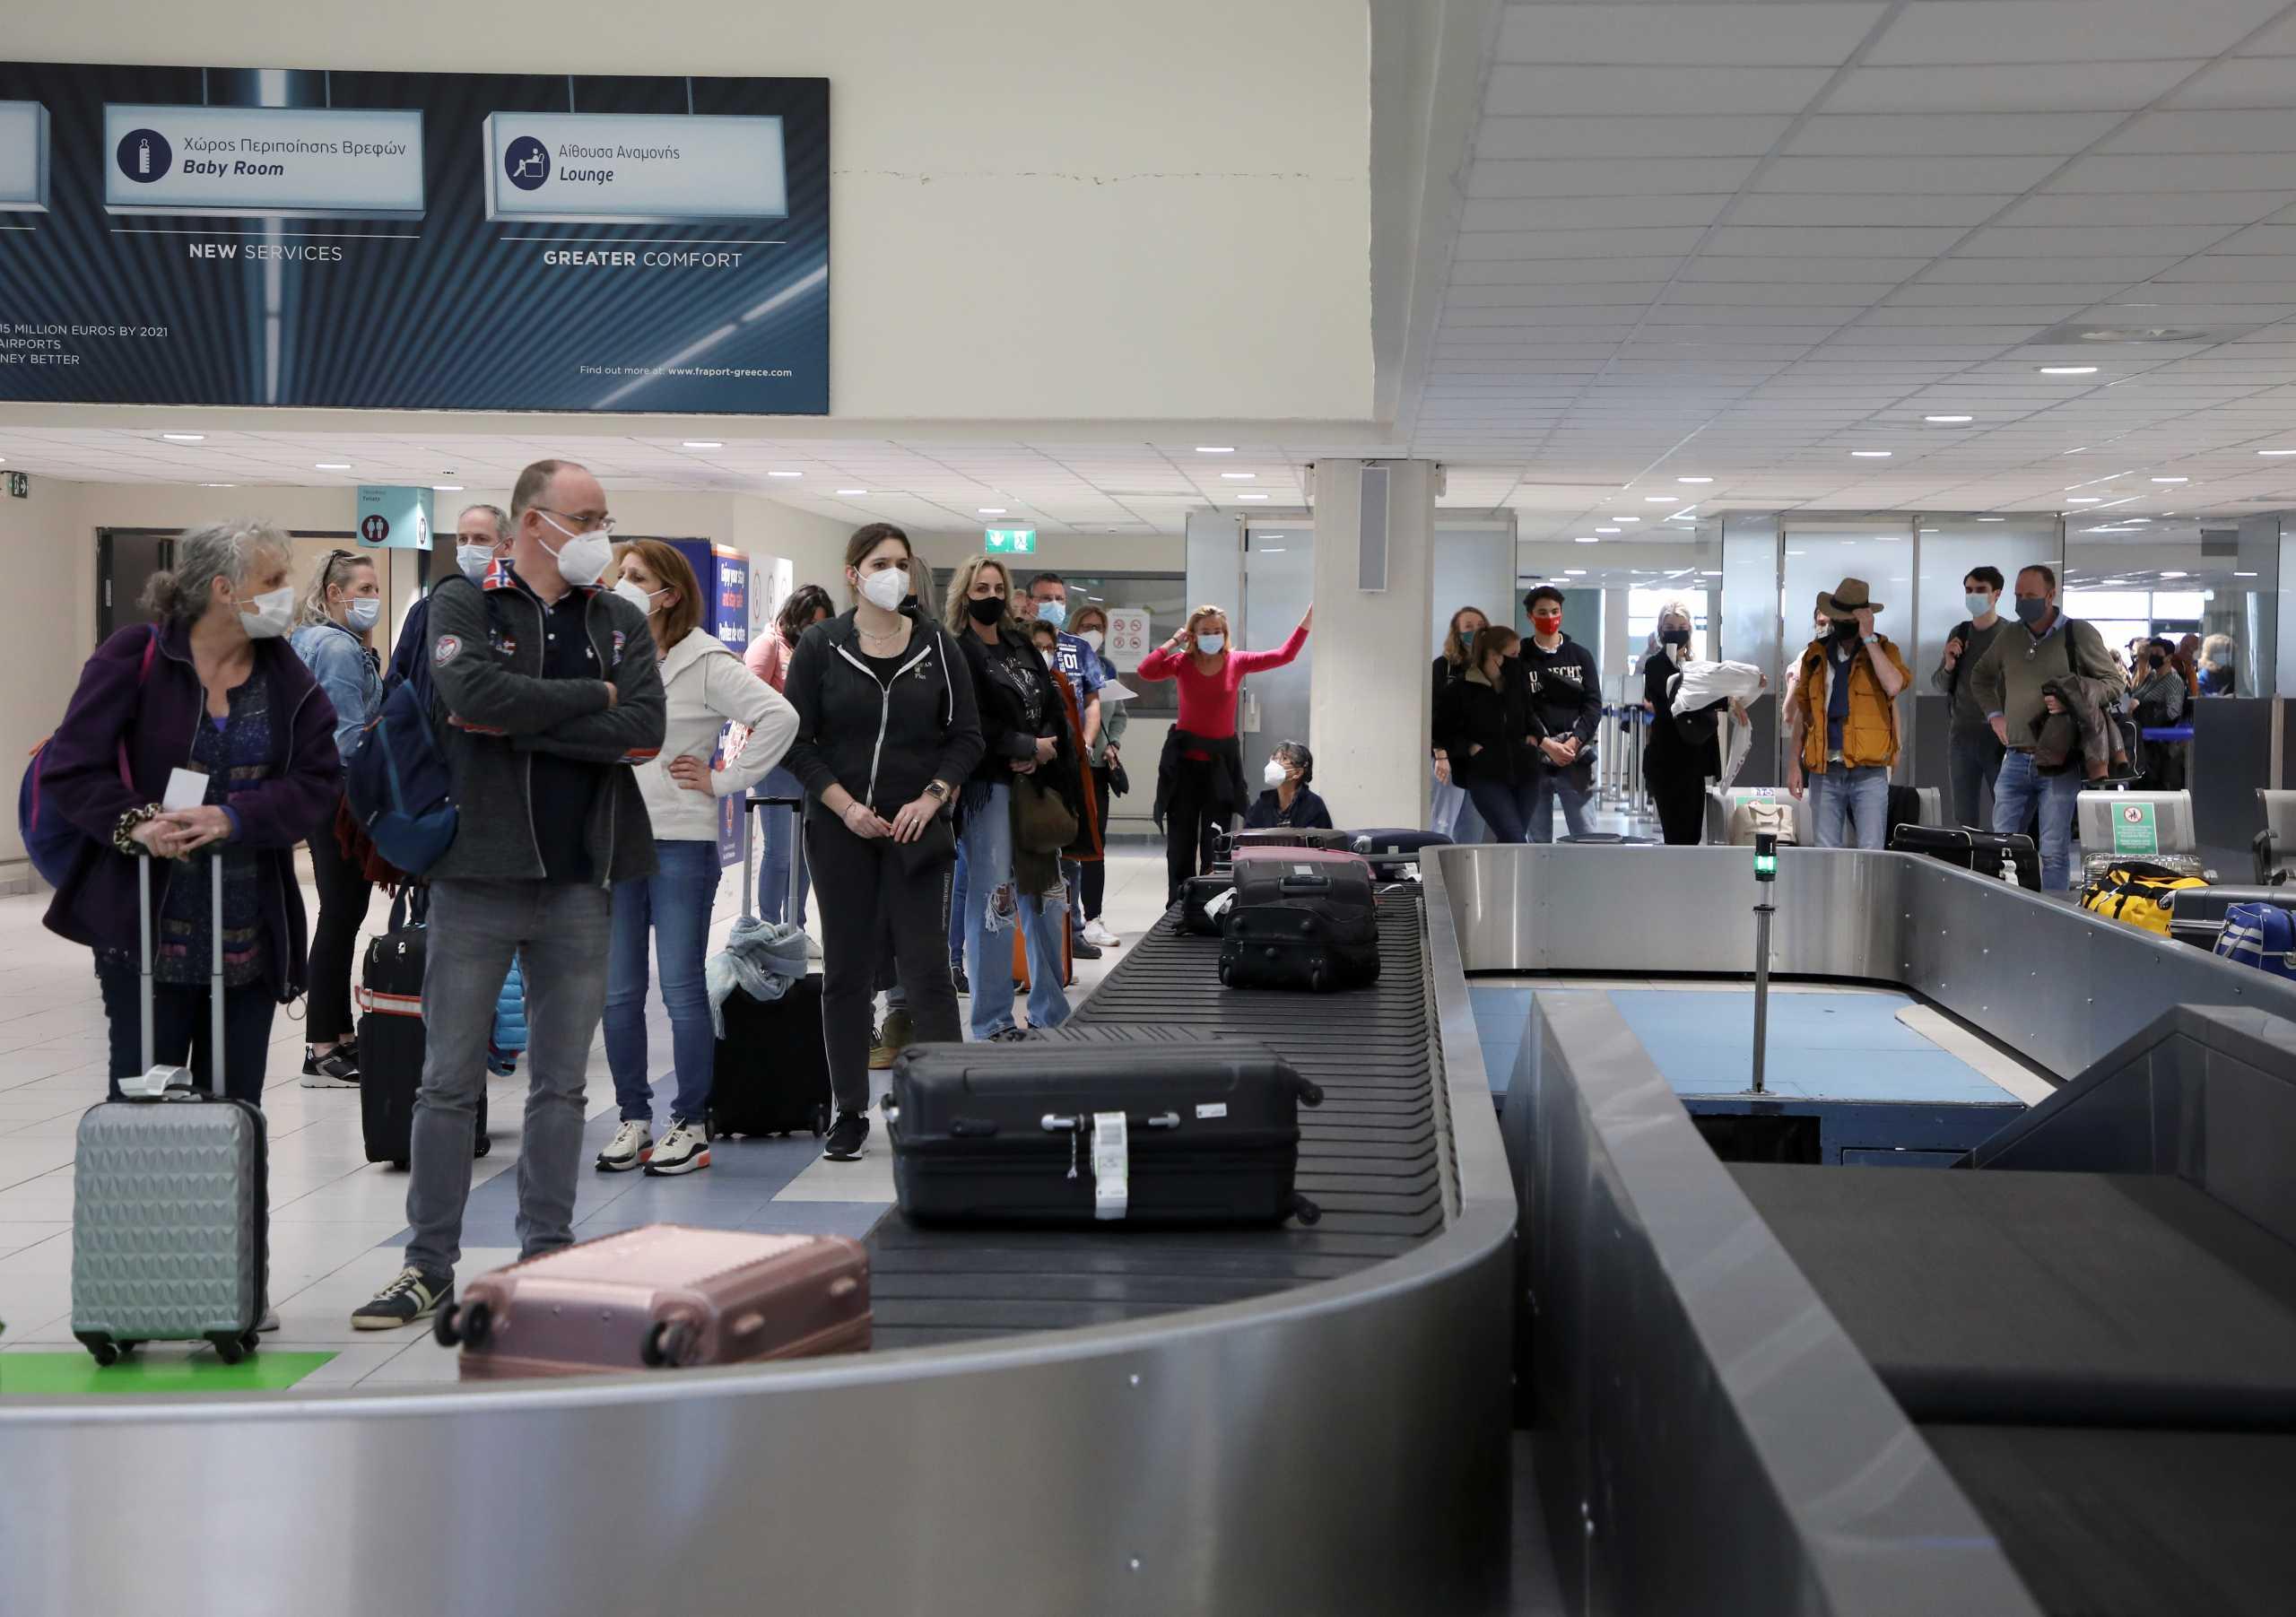 Ανοίγει σήμερα πειραματικά ο τουρισμός: θα έρθουν ταξιδιώτες από ΕΕ και πέντε άλλες χώρες